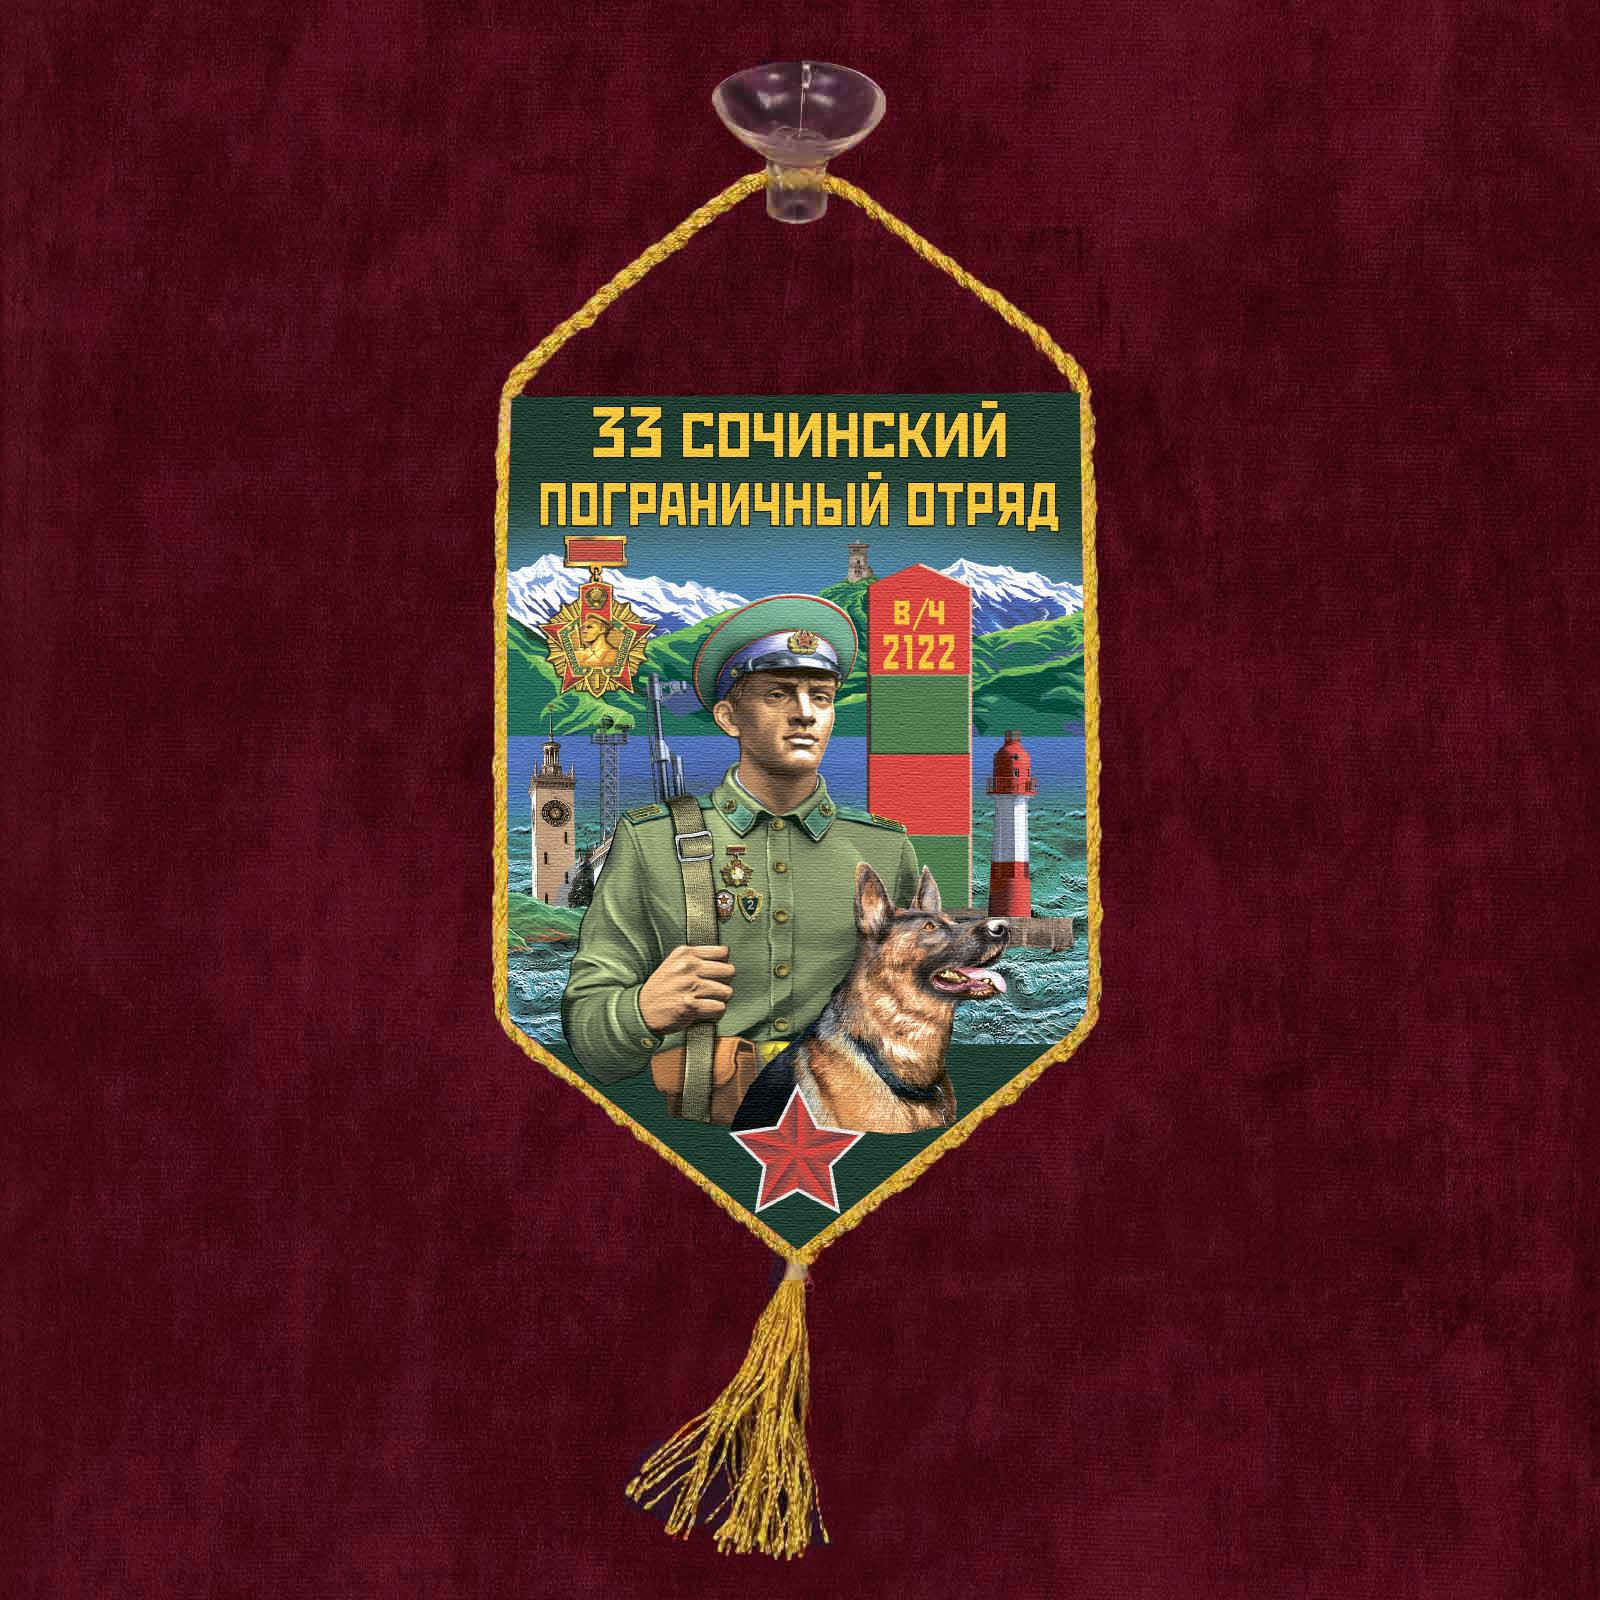 """Автомобильный вымпел """"33 Сочинский пограничный отряд"""""""